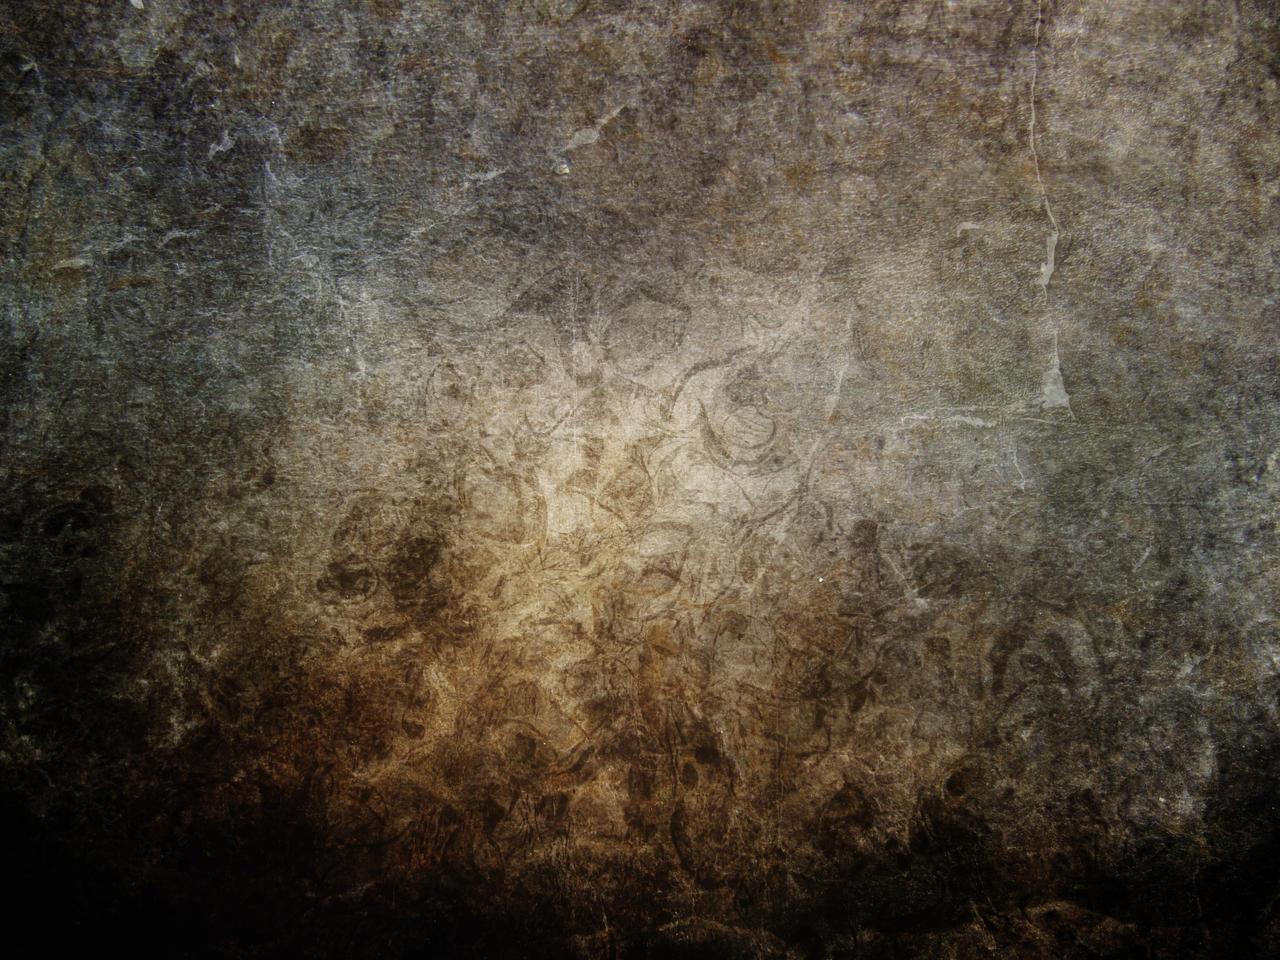 texture 136 by Sirius-sdz